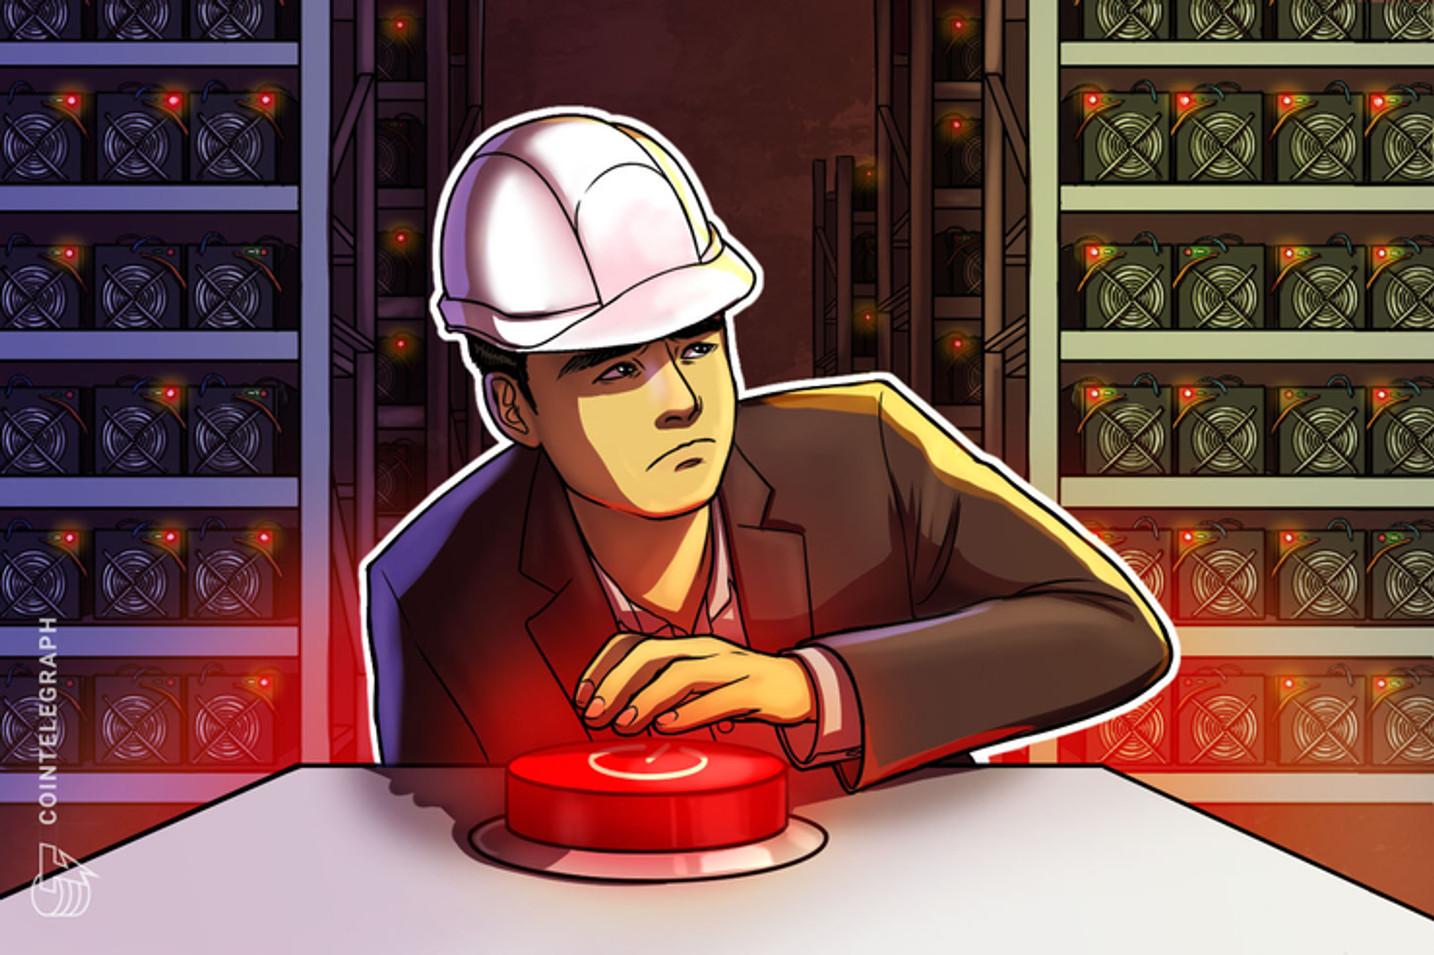 Polícia da Venezuela prende mineradores de Bitcoin sem documentação; suspeitos seriam irmãos de assessor do governo local